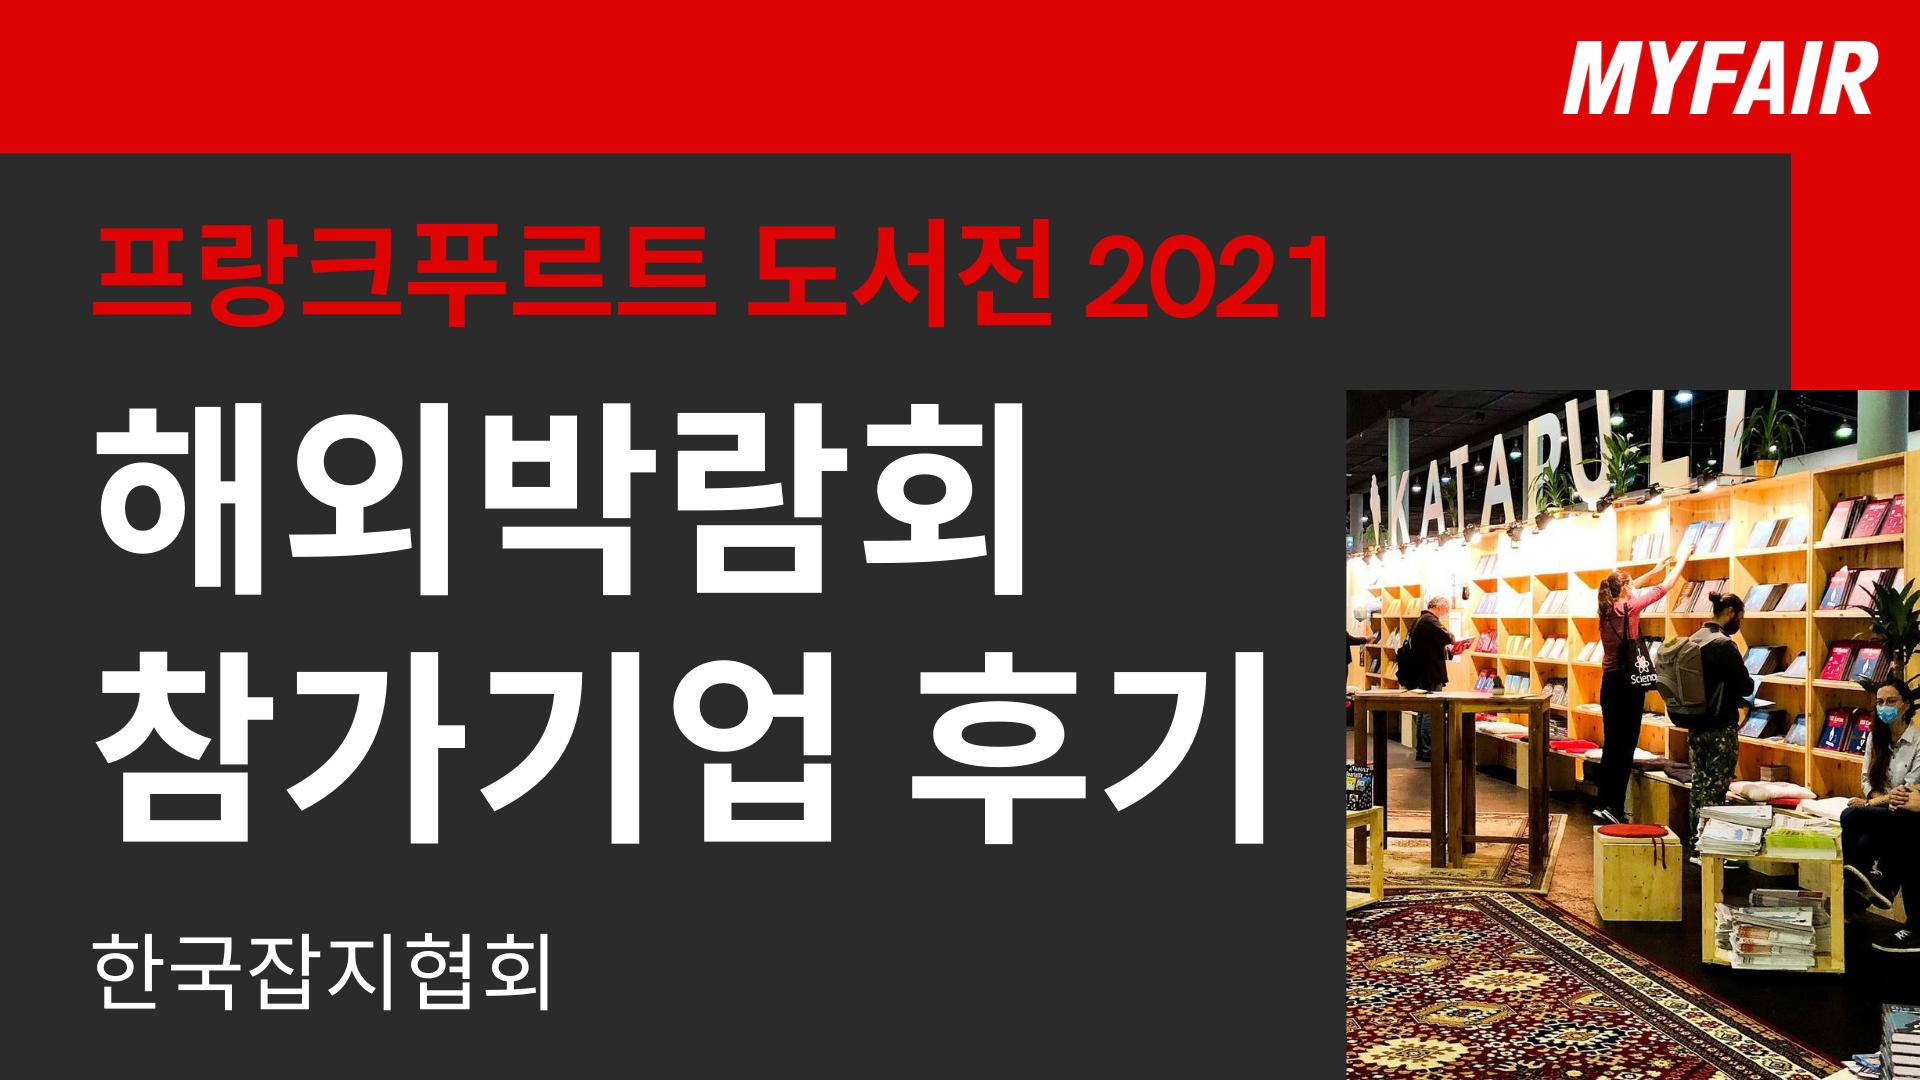 [박람회 참가 후기] 프랑크푸르트 도서전 2021 - 한국잡지협회